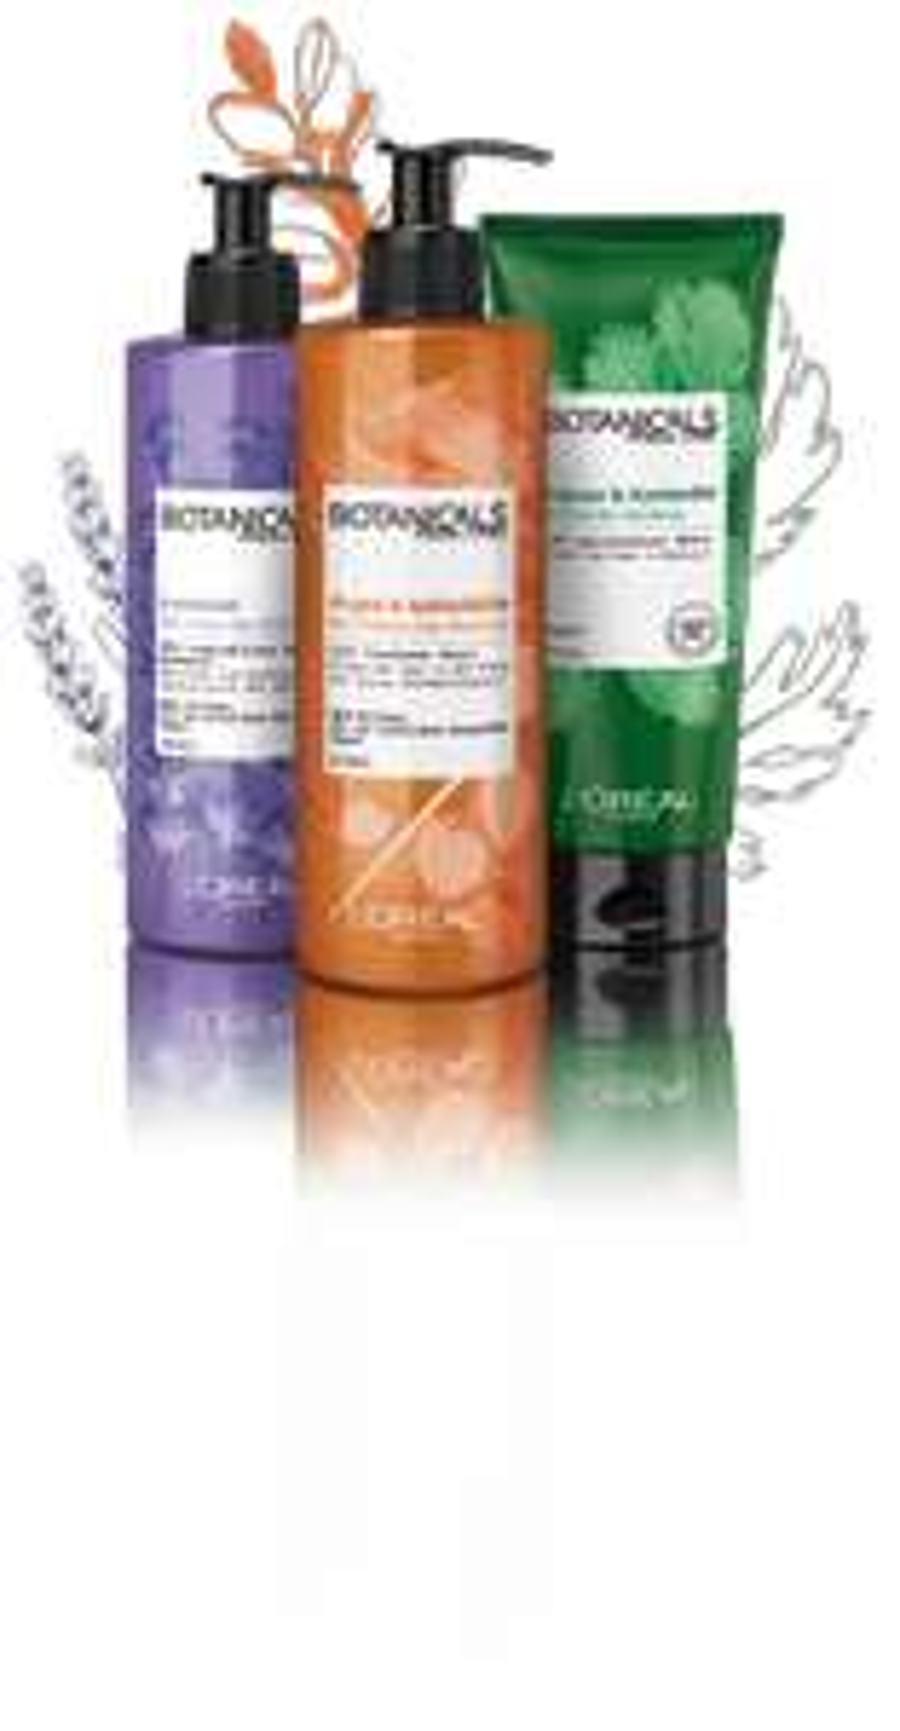 [GzG] 2 Produkte der L'Oréal Botanicals Serie gratis testen